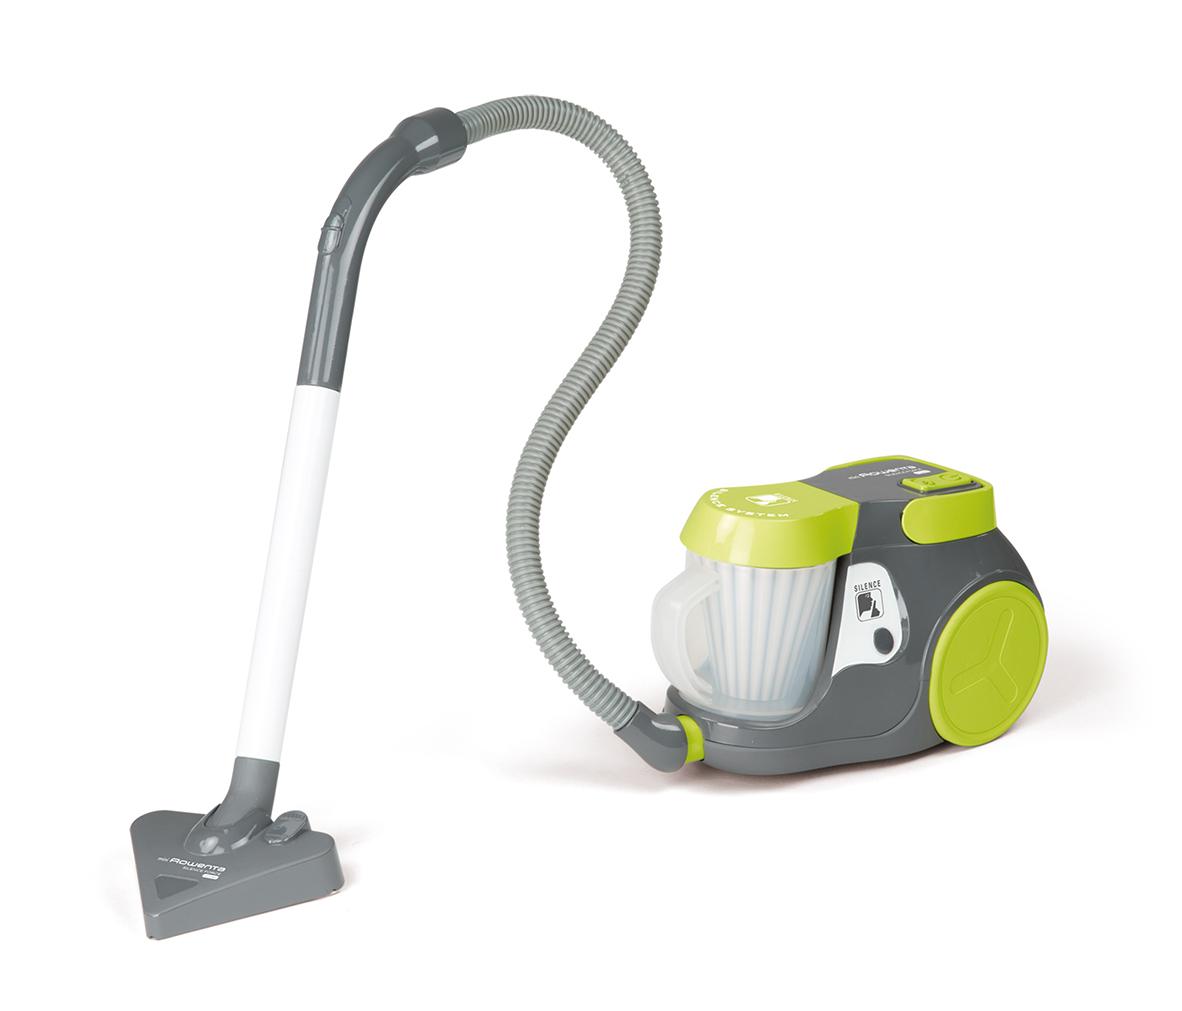 smoby rowenta aspirateur silence force pour enfants 024401 pas cher achat vente cuisine. Black Bedroom Furniture Sets. Home Design Ideas